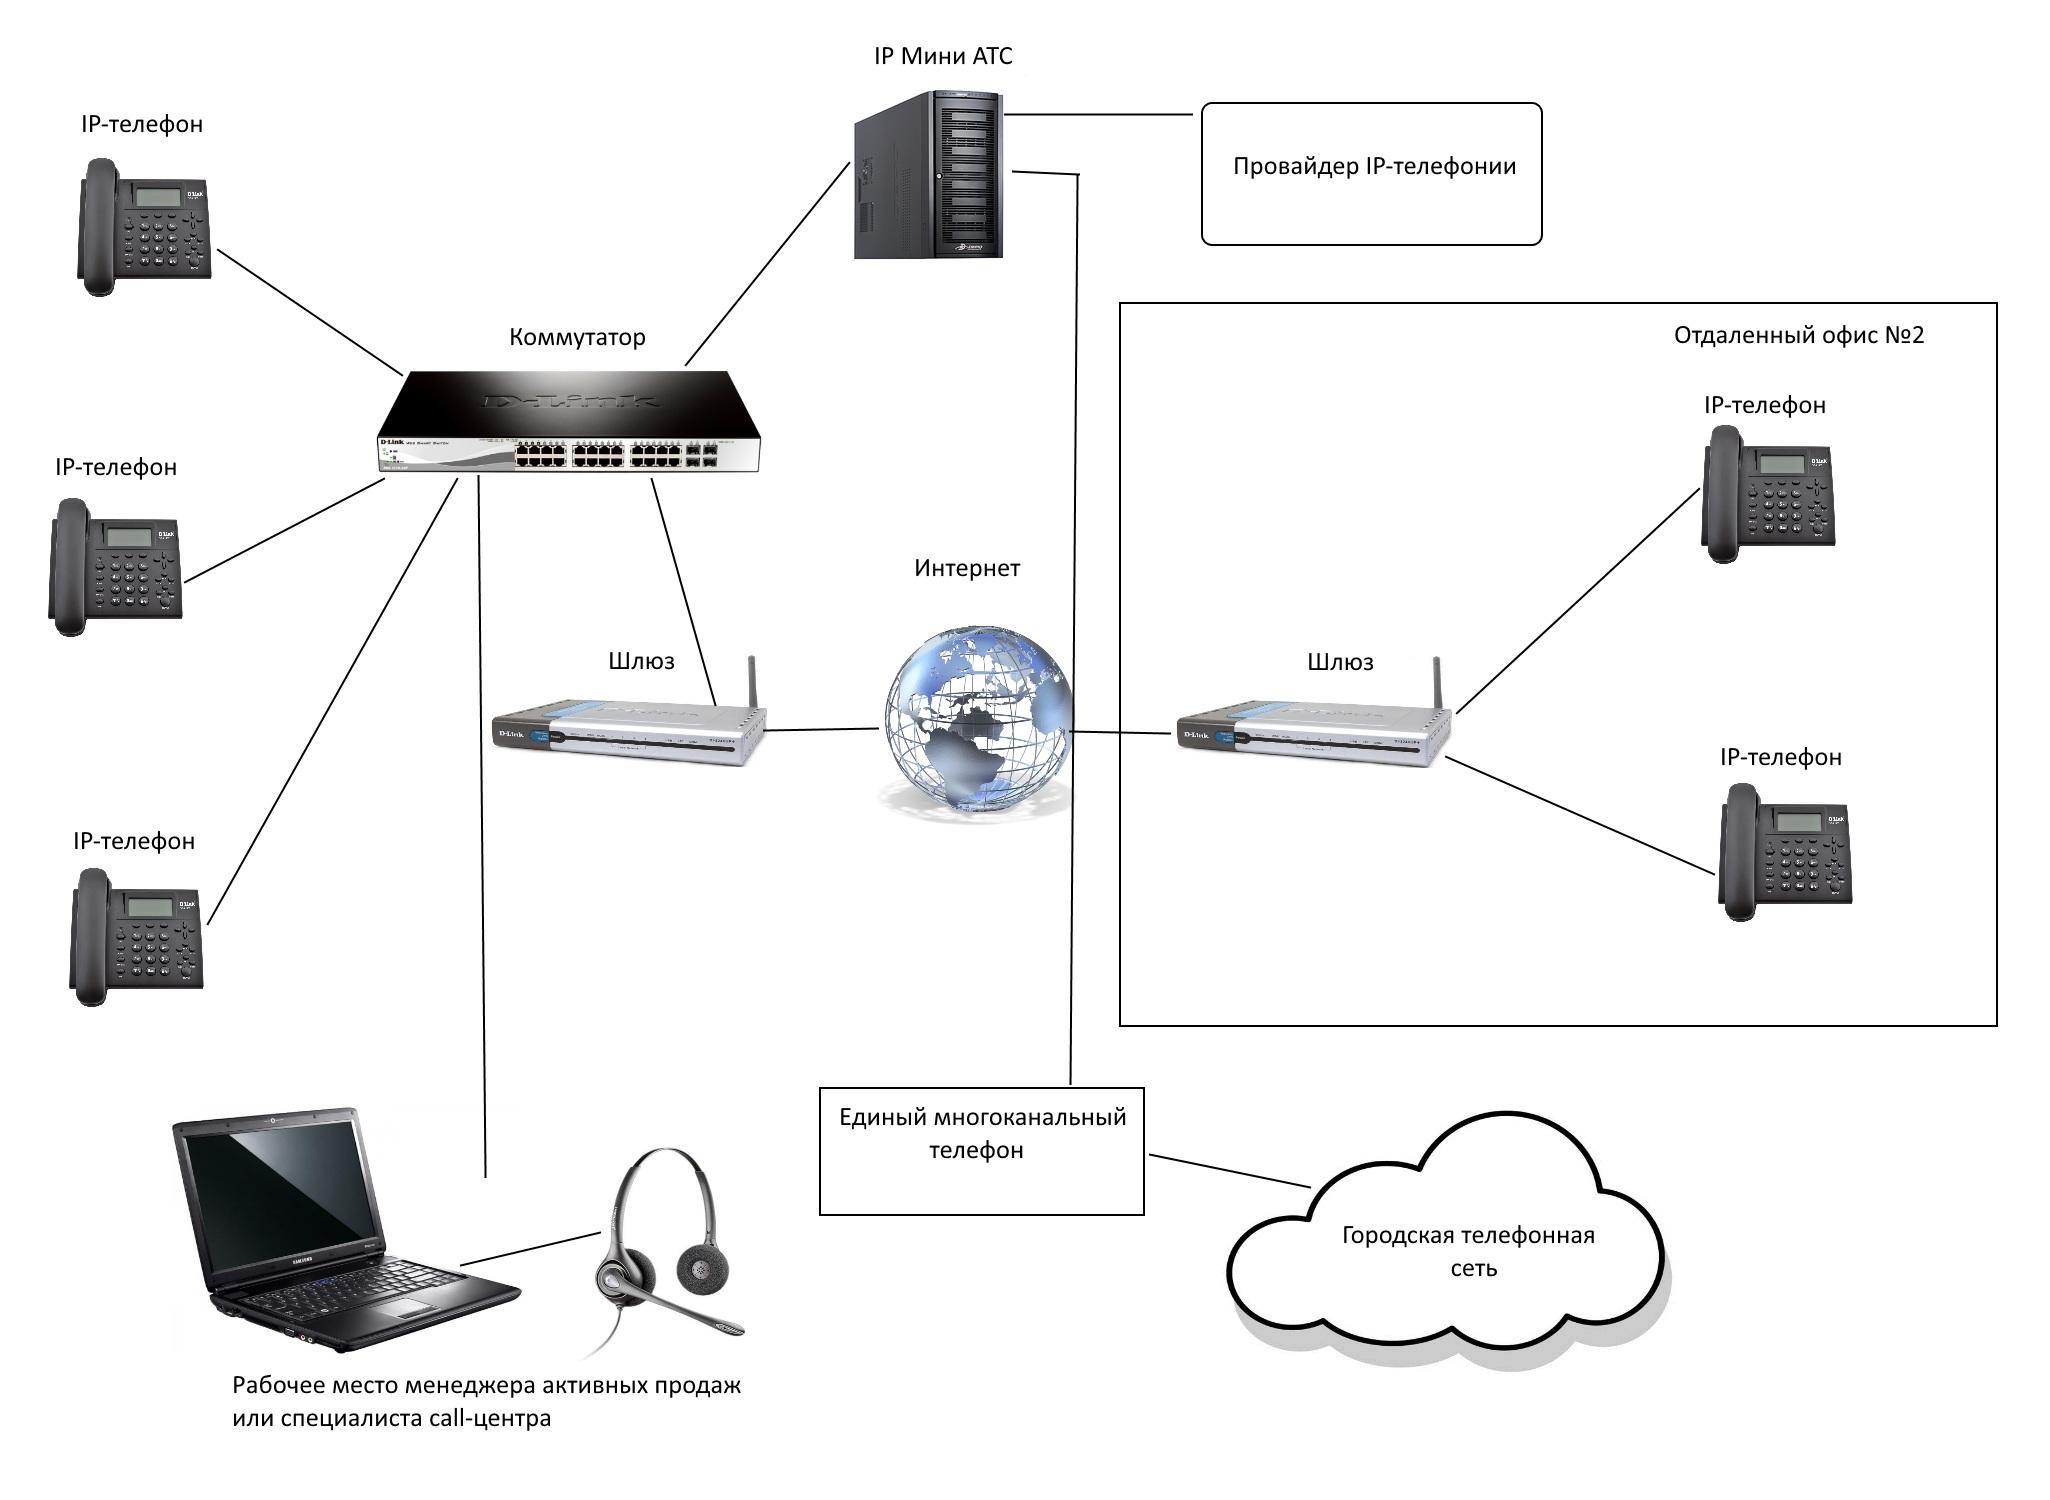 Подключение радиотелефона к телефонной сети схема